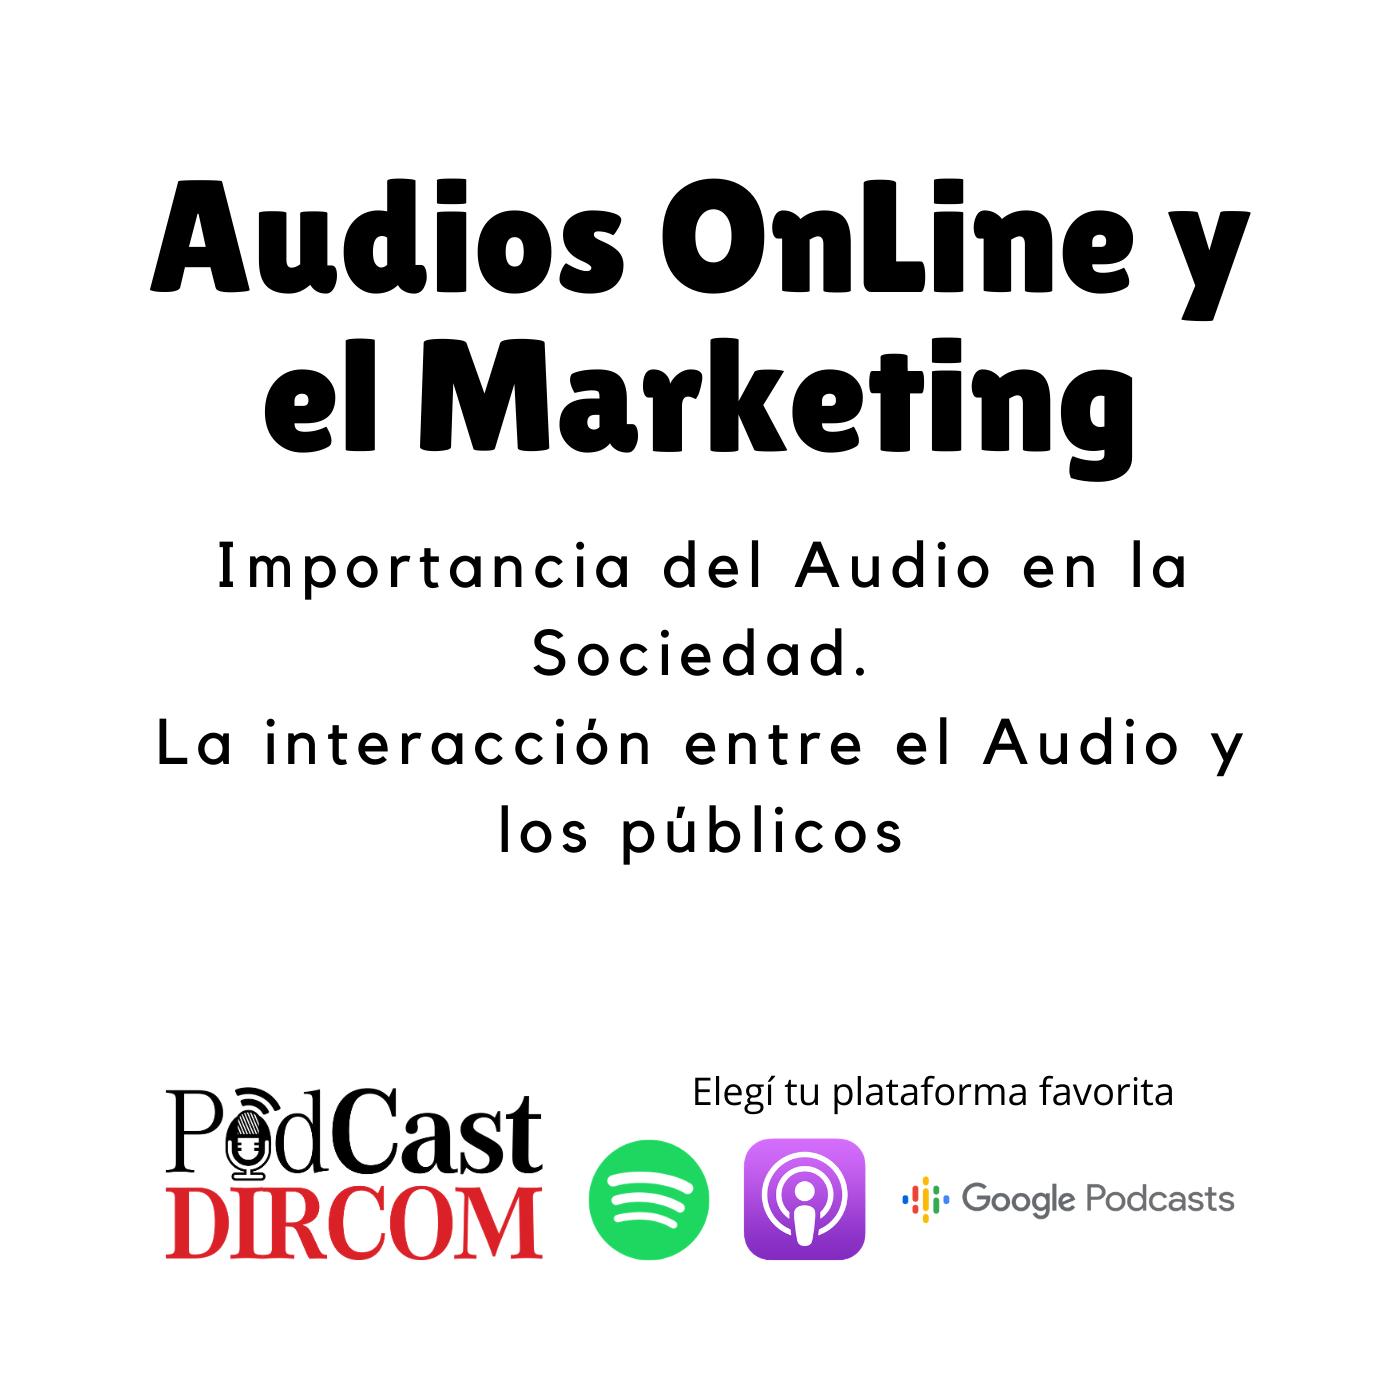 Audios OnLine y el Marketing